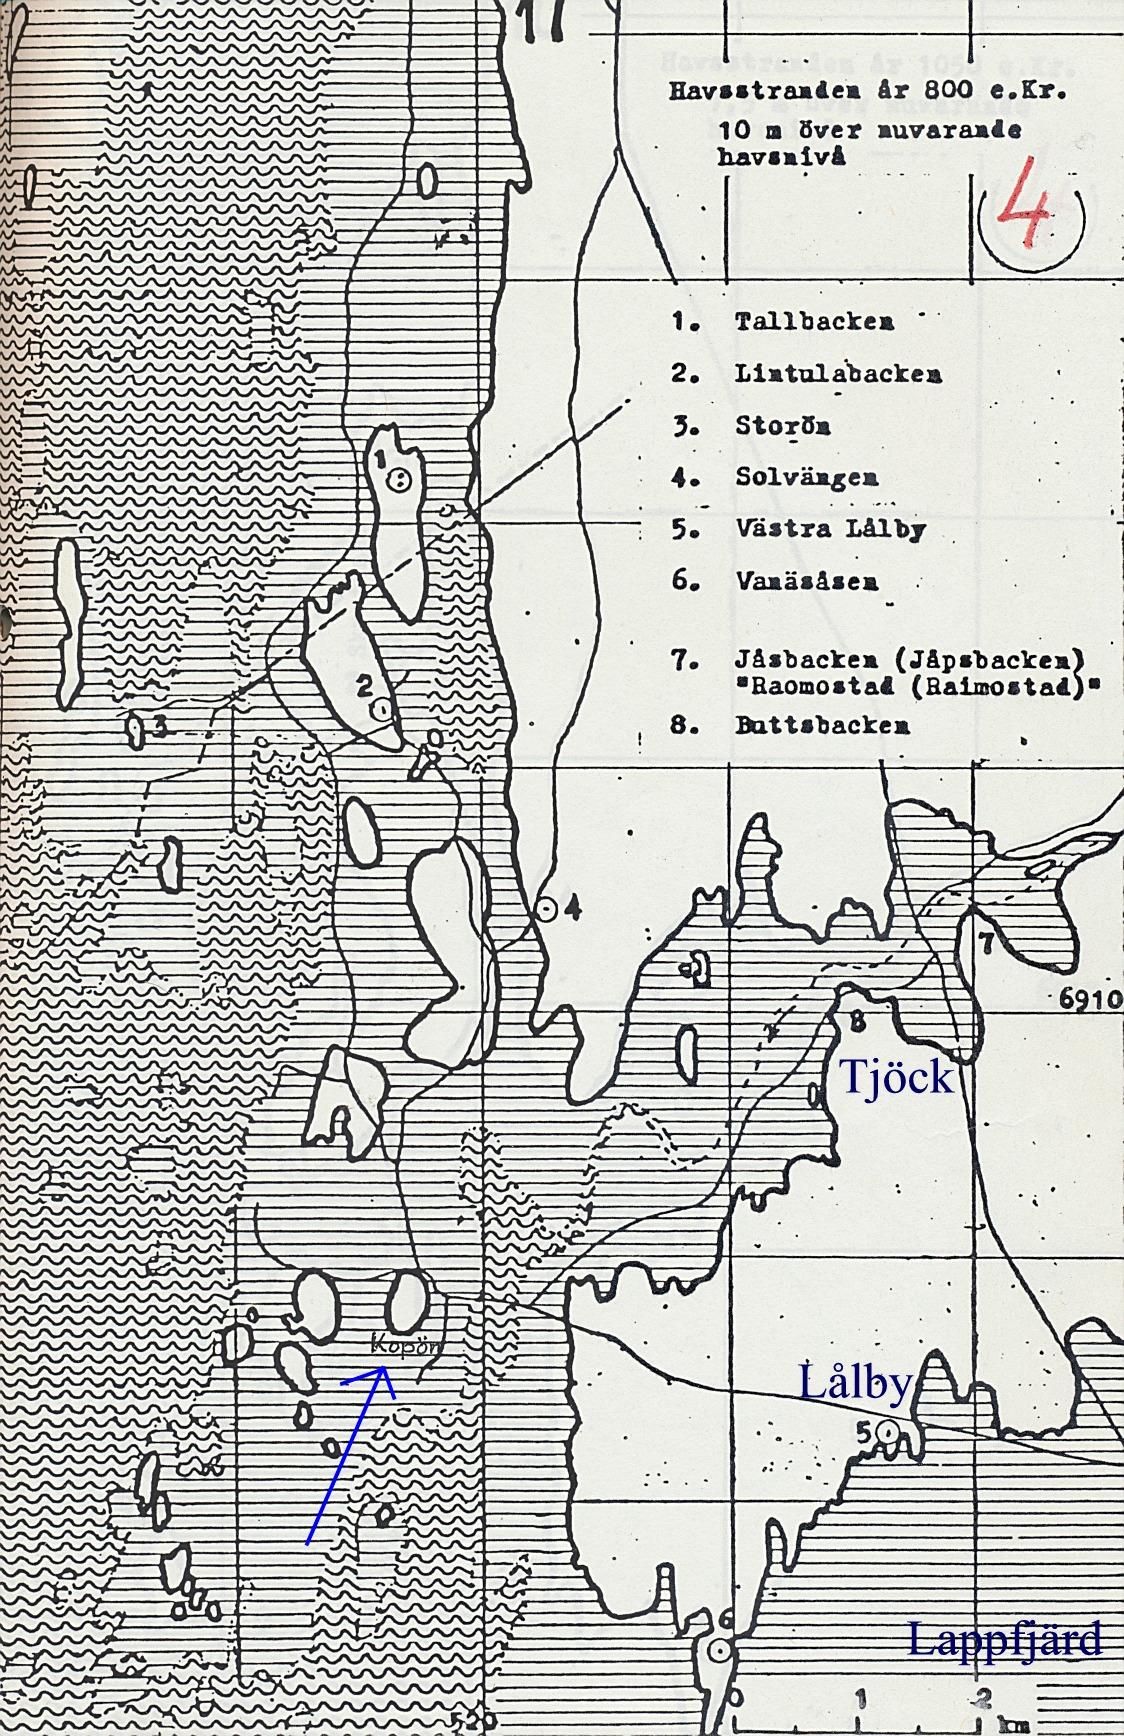 Runt 800 e. Kr är Koppön liten och obetydlig. Lappfjärd och Tjöck ligger fortfarande under vatten medan de högst belägna delarna av västra Lålby nu är några meter över havsytan.